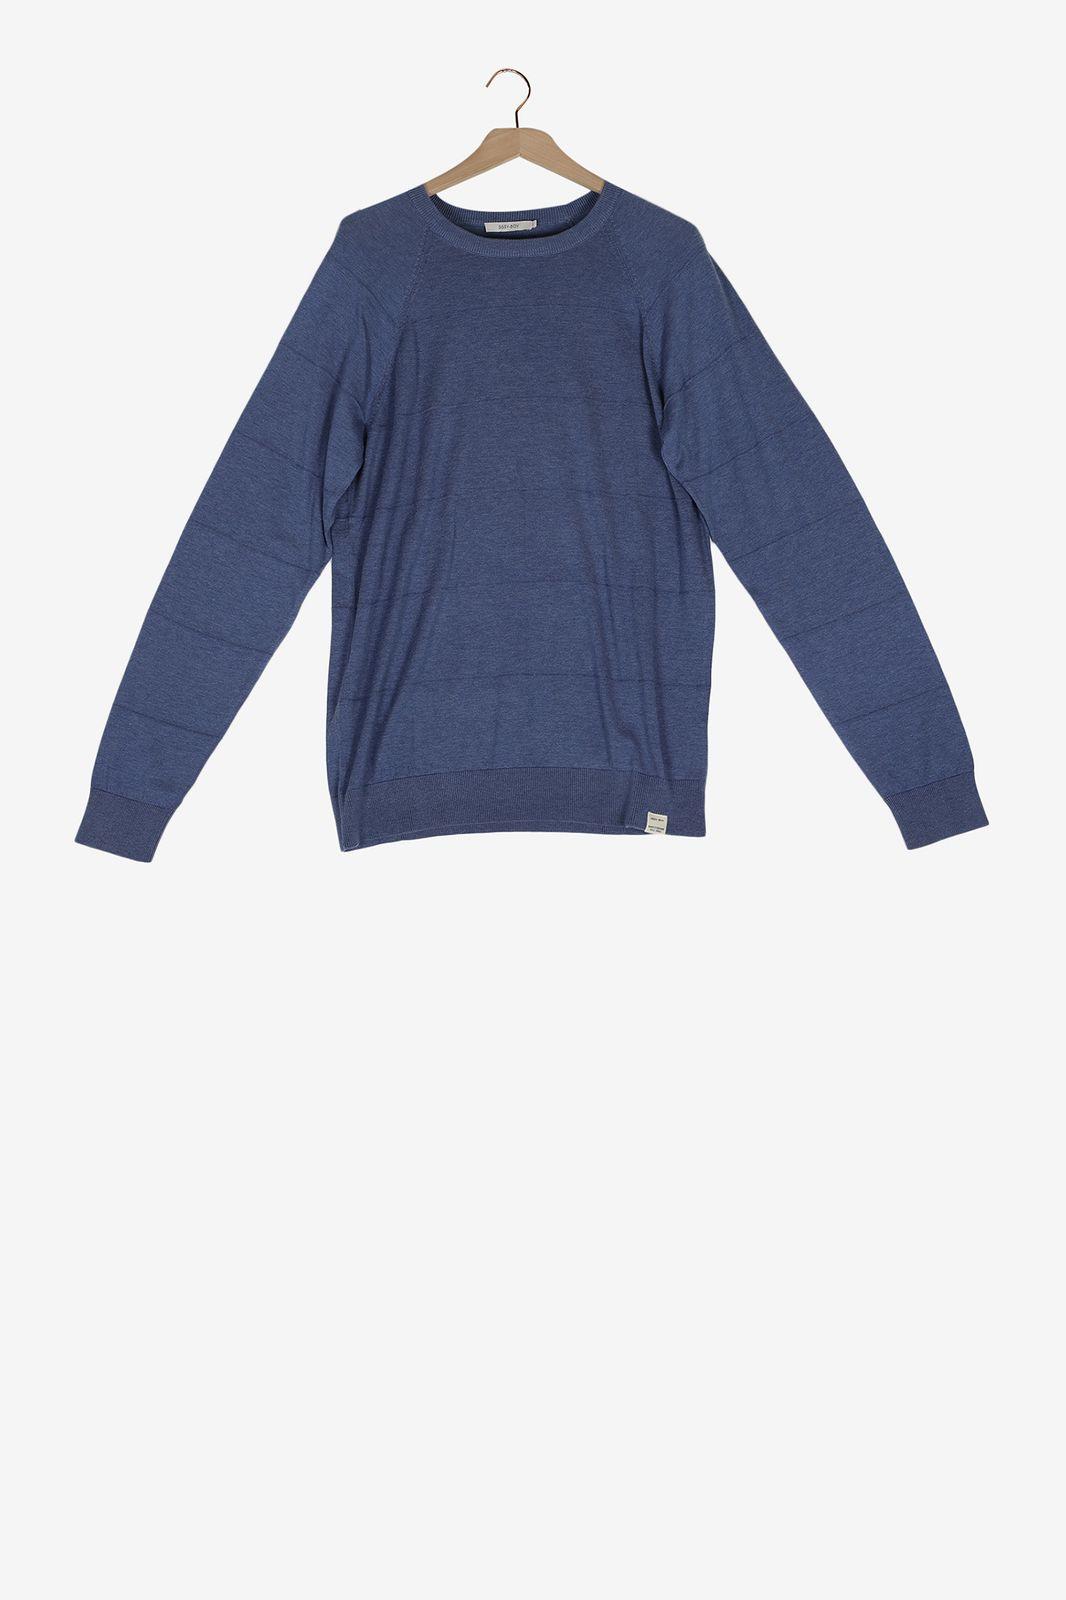 Blauwe knitted trui